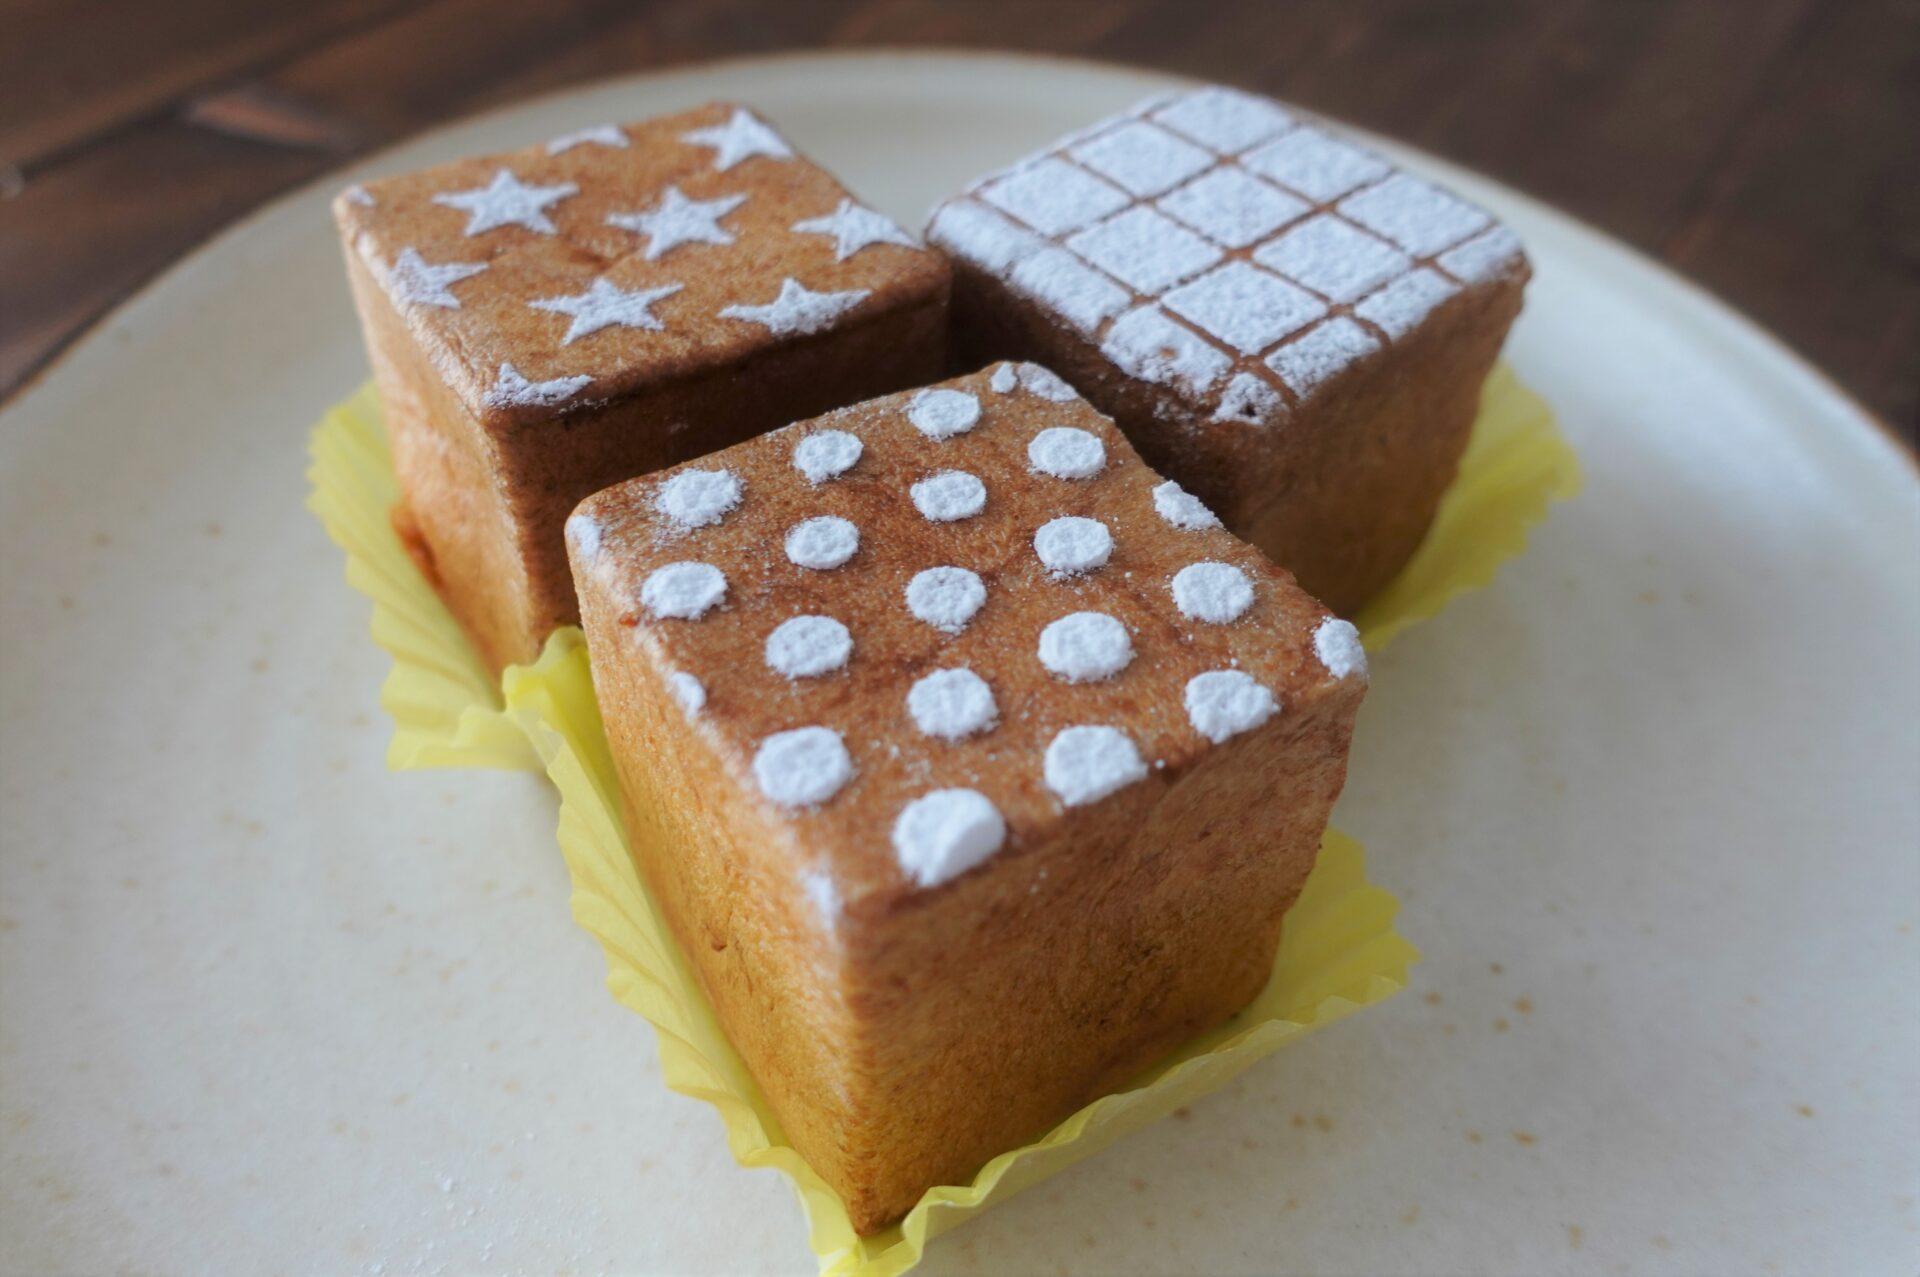 四角いシュークリーム!?SWEETS&CAFE SUNNYDAYS(サニーデイズ)の「my block」食べてみたレポ!